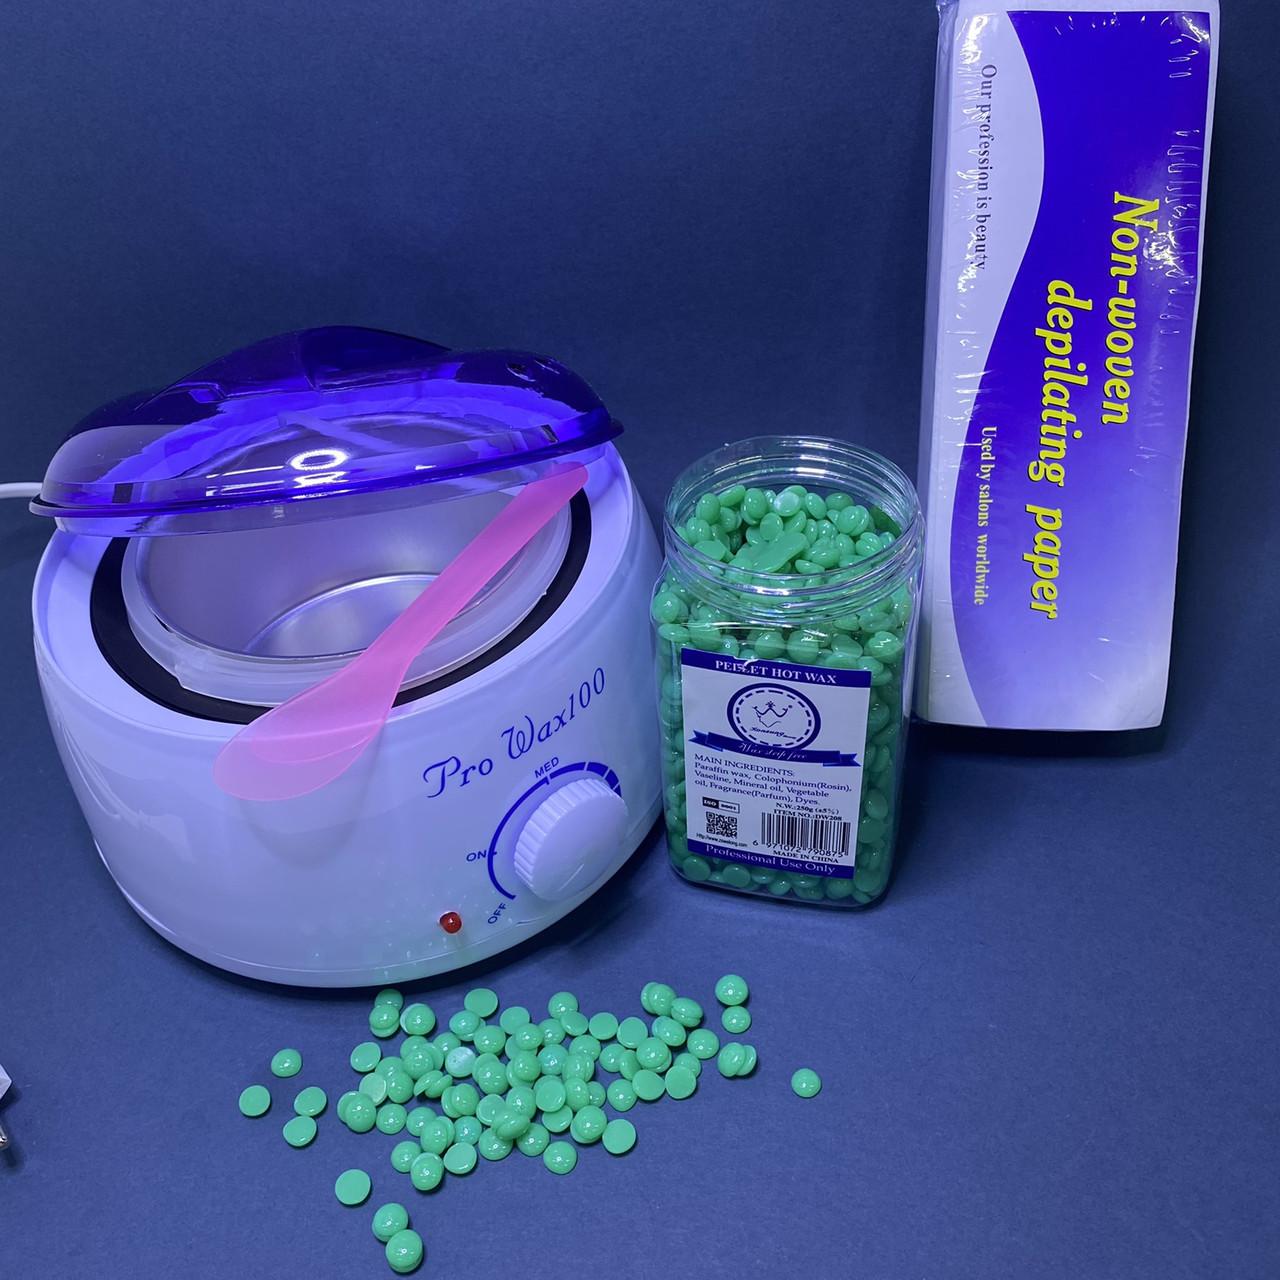 Набір для депіляції Pro-wax 100 +250г воску зелений